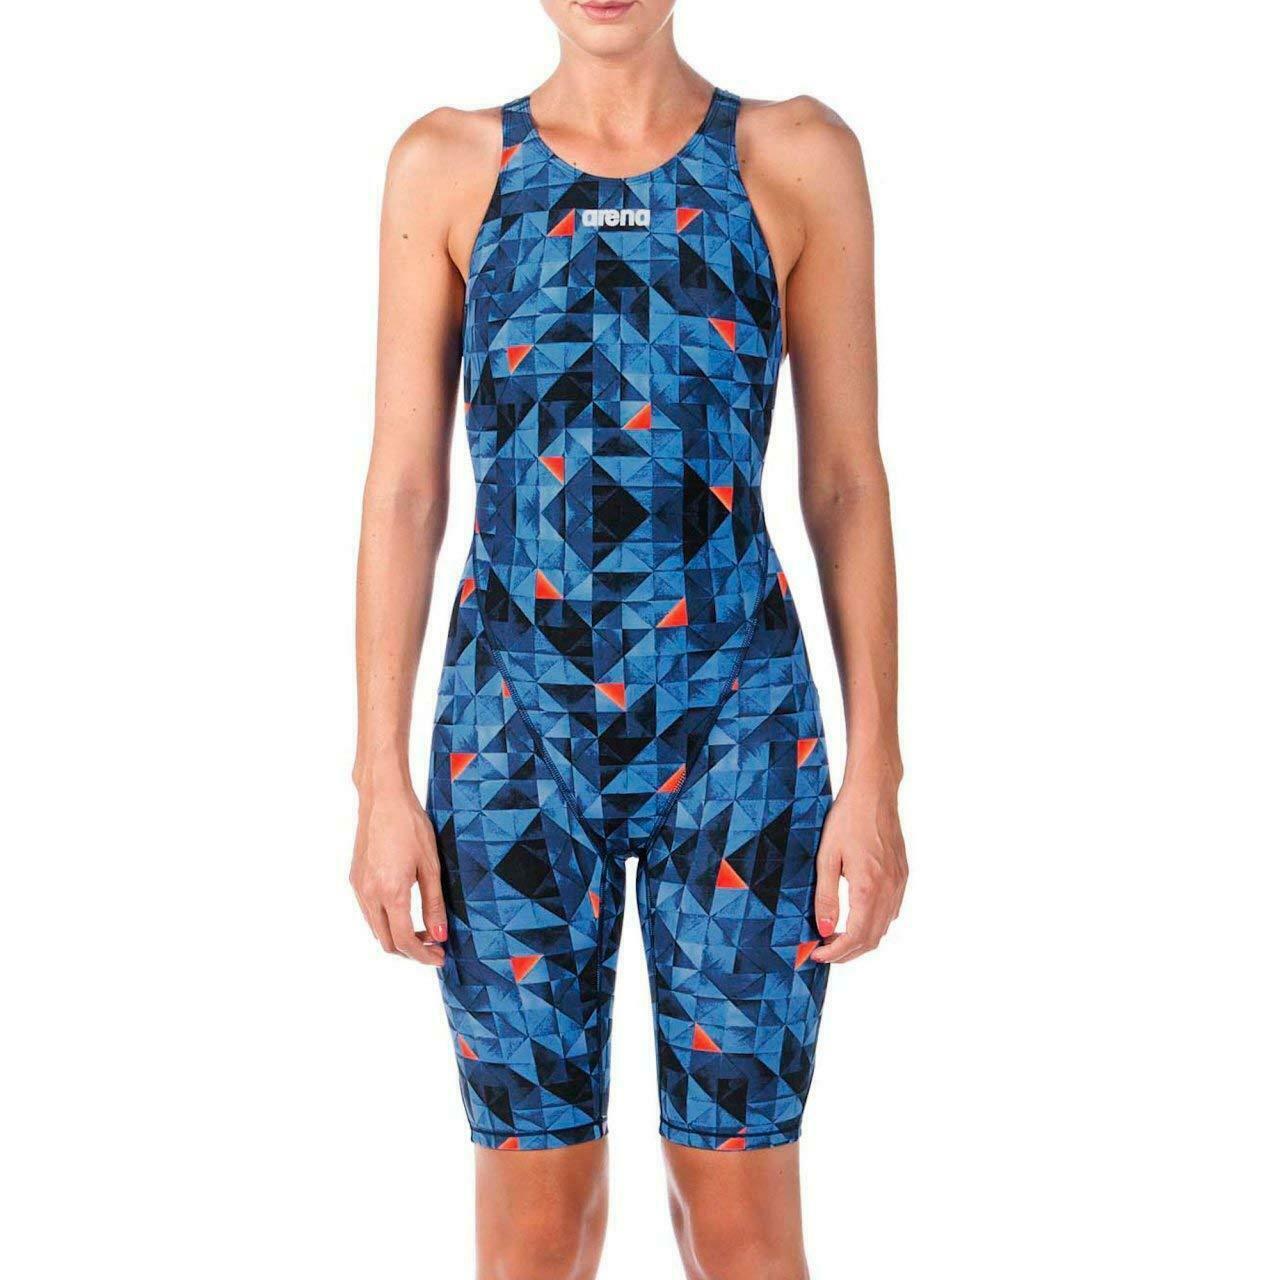 Arena Mujer Powerskin St  2.0 Cochereras de una pieza Traje De Baño Turquesa-Naranja Talla 26  precio razonable